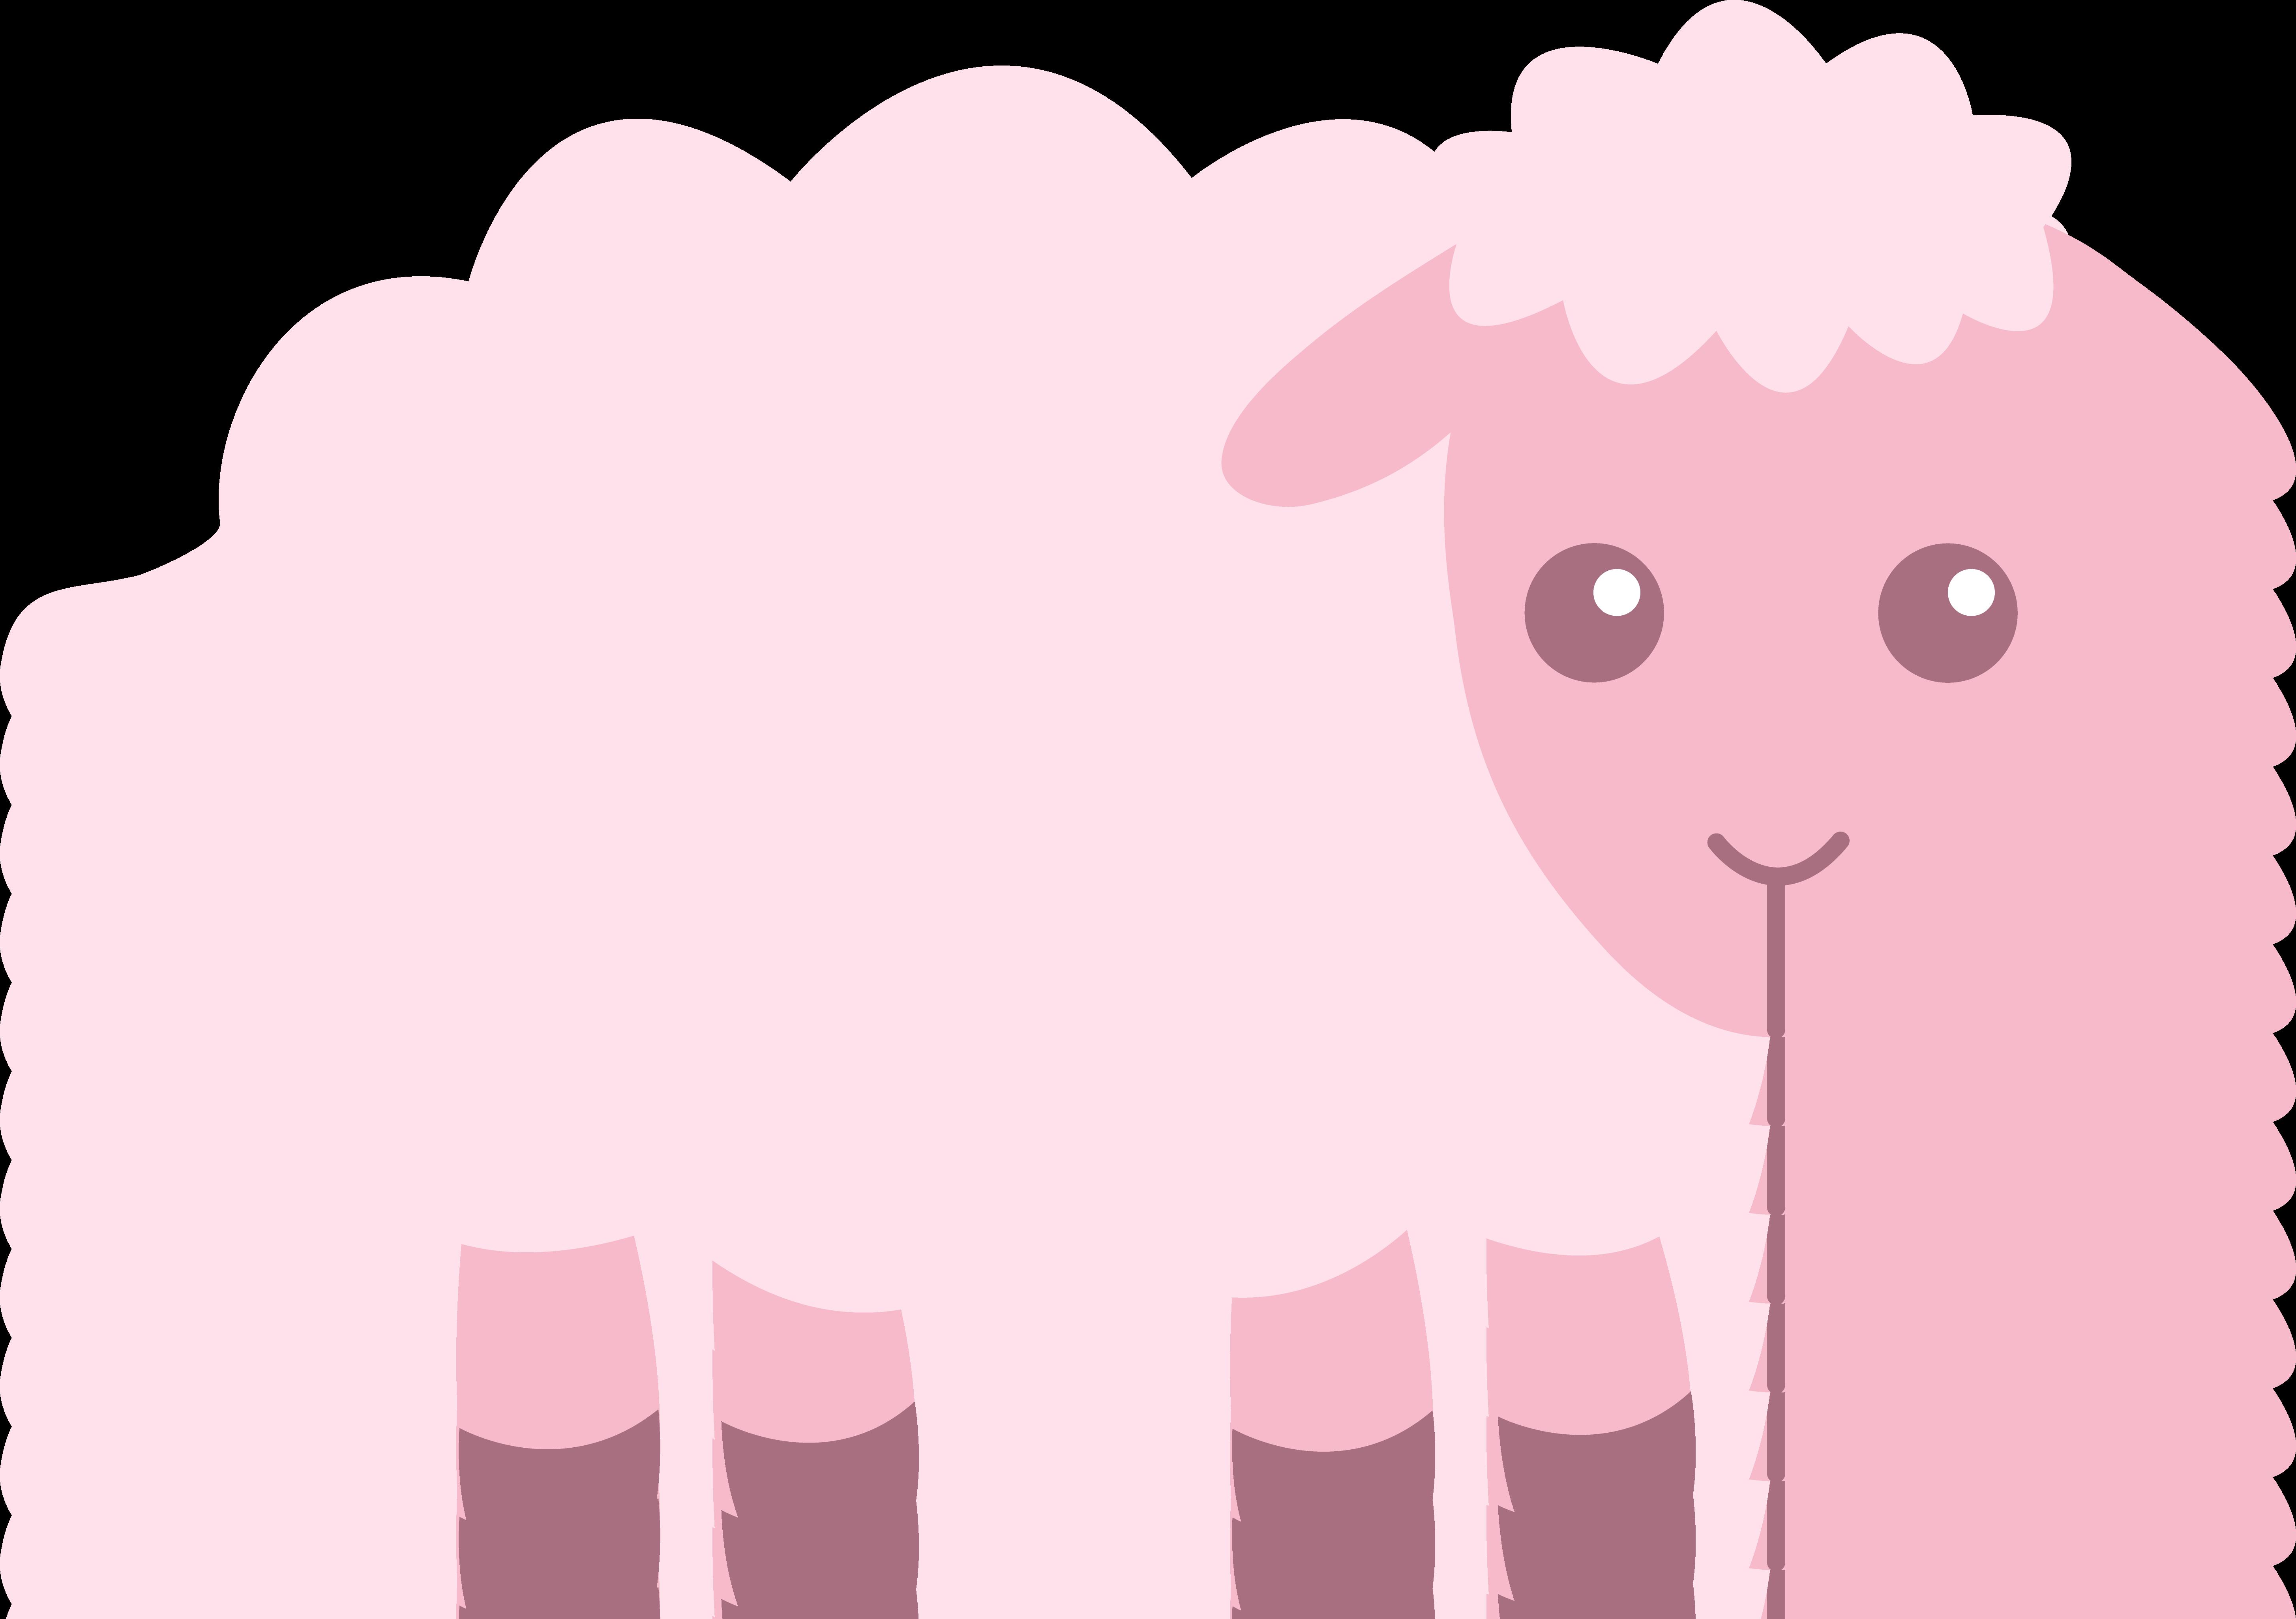 Sheep clipart 4-Sheep clipart 4-11